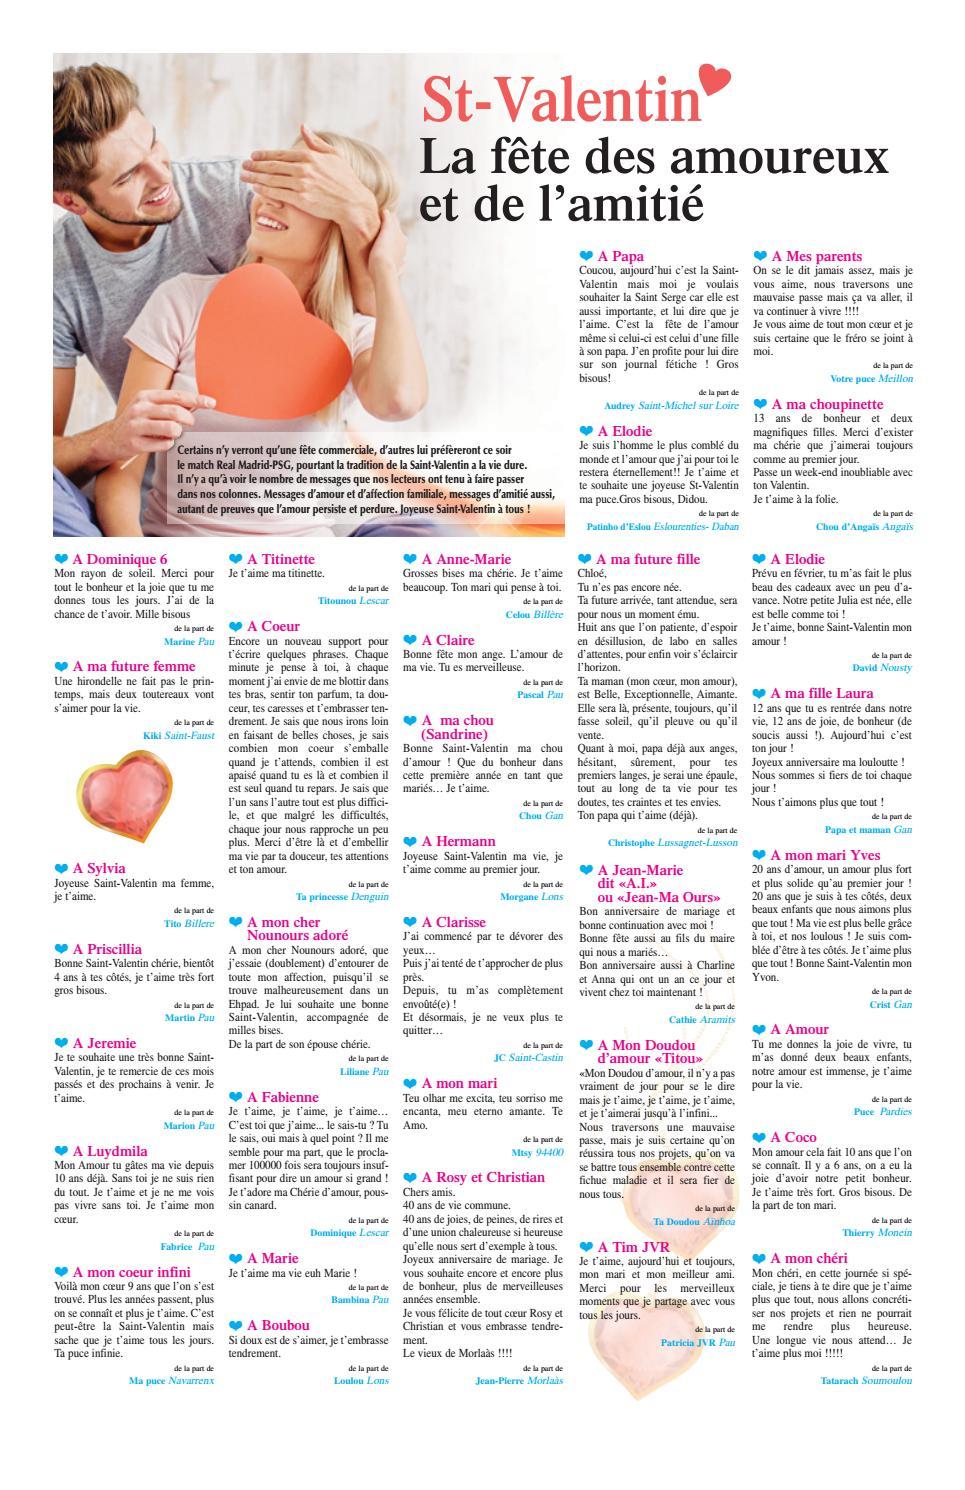 Fille De 13 Ans Qui Fait L Amoure : fille, amoure, Saint-Valentin, Messages, D'amour, Bénédicte, Mallet, Issuu